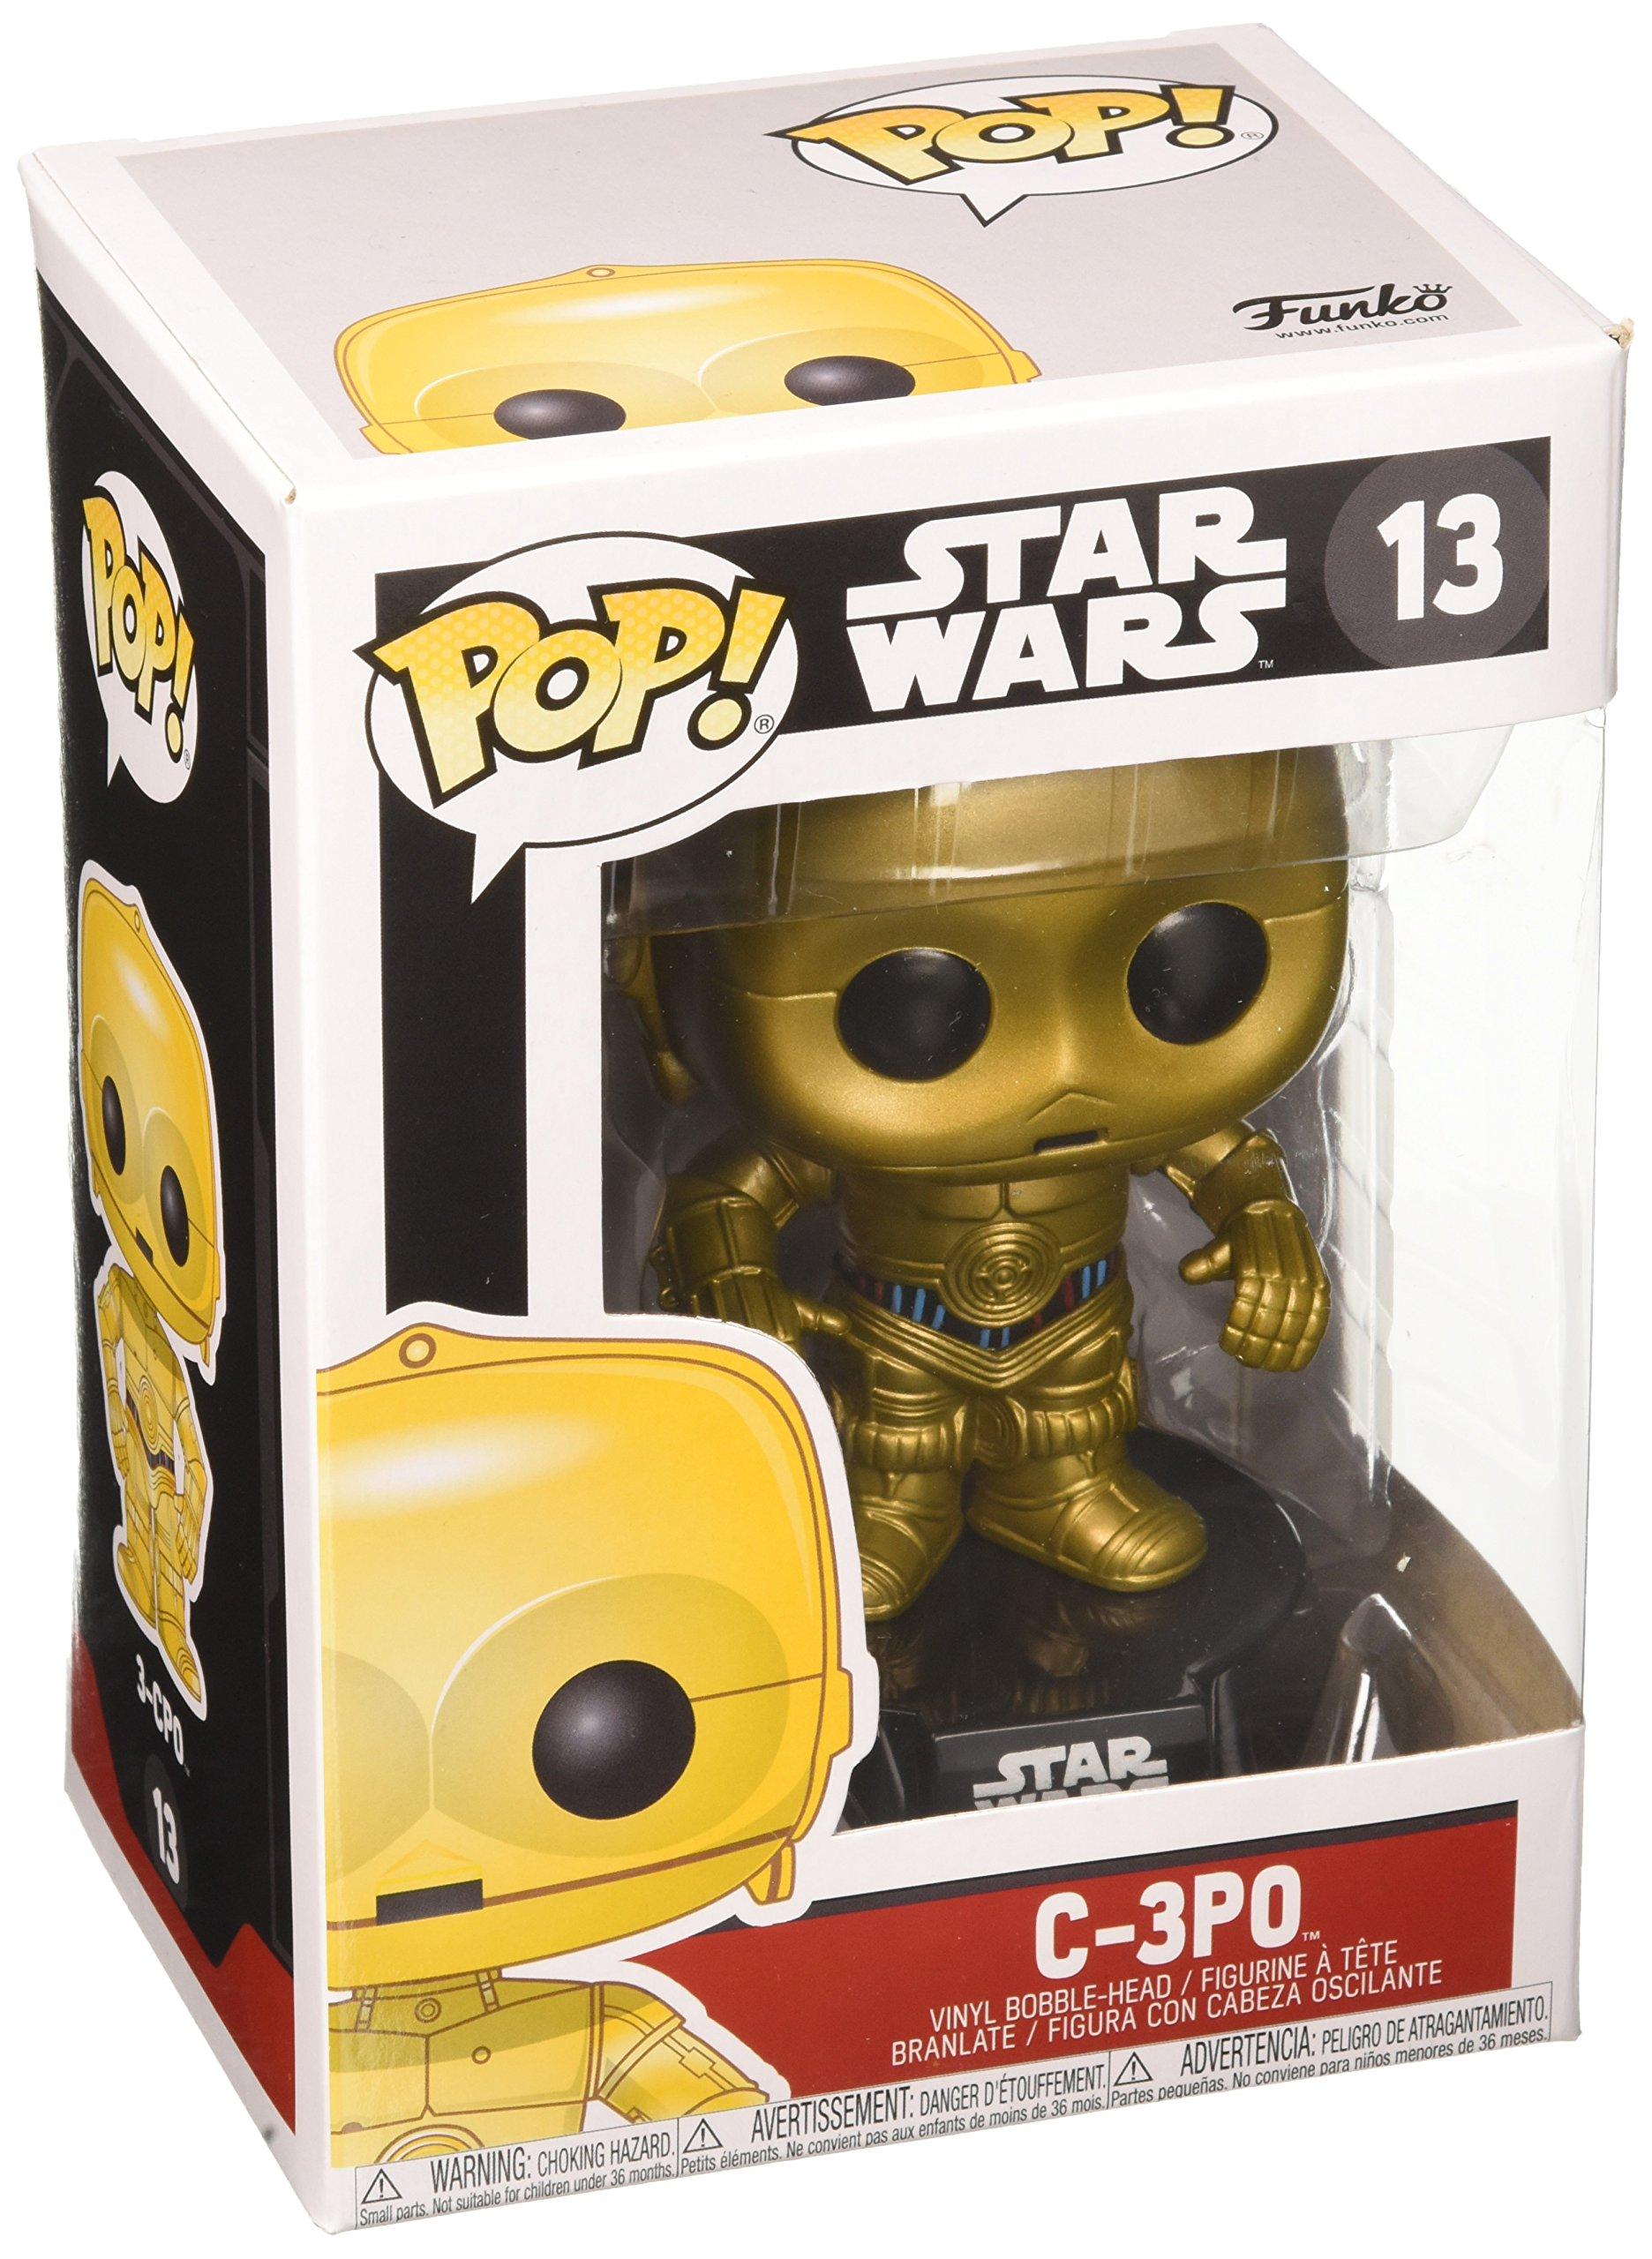 Funko Pop C-3PO (Star Wars 13) Funko Pop Star Wars